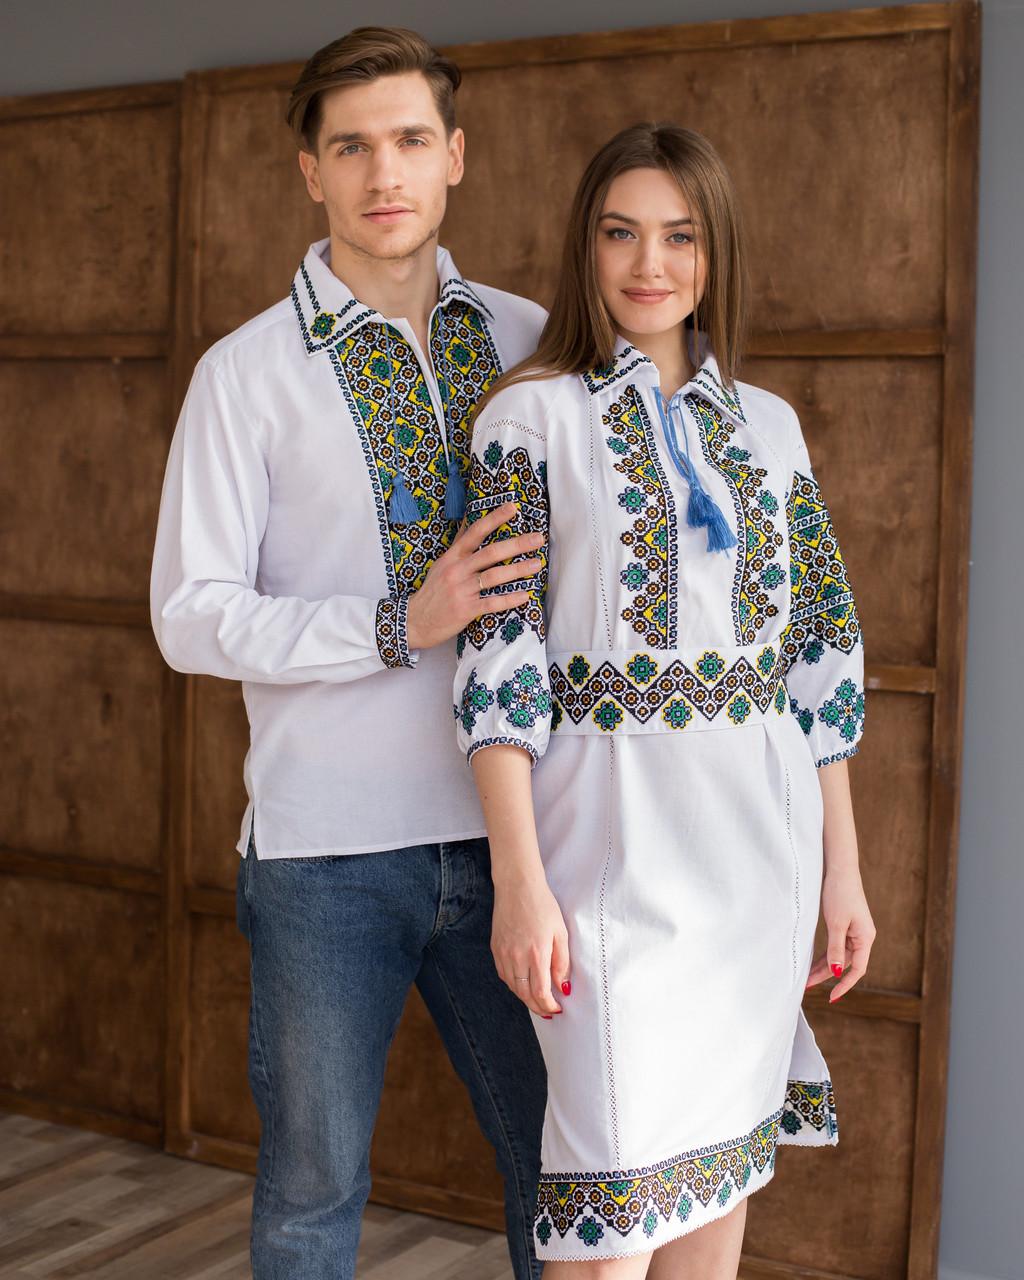 Парні вишиванки чоловіча сорочка і жіноча сукня